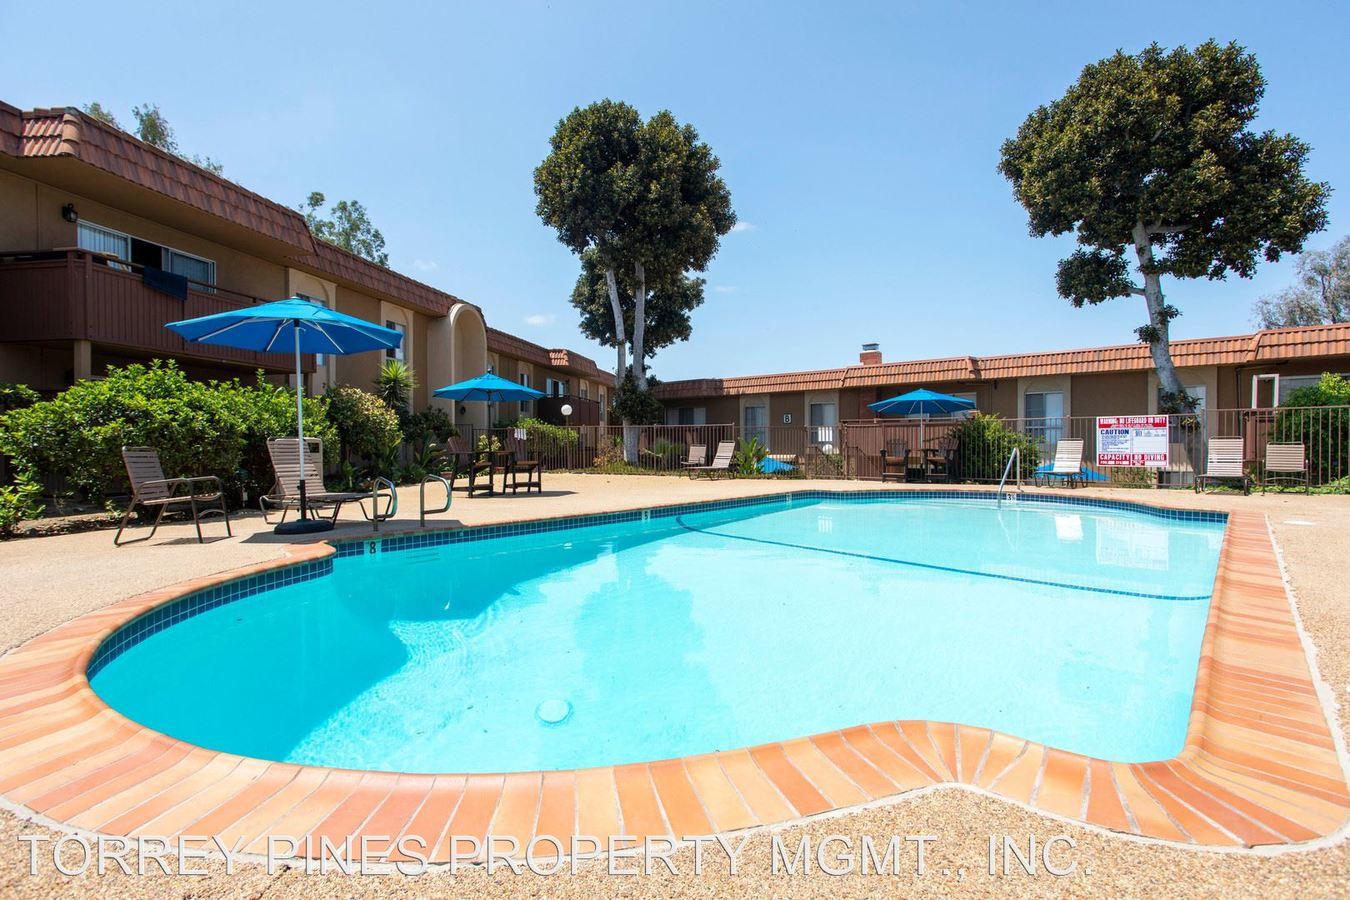 2 Bedrooms 2 Bathrooms Apartment for rent at 9071 Dallas Street in La Mesa, CA